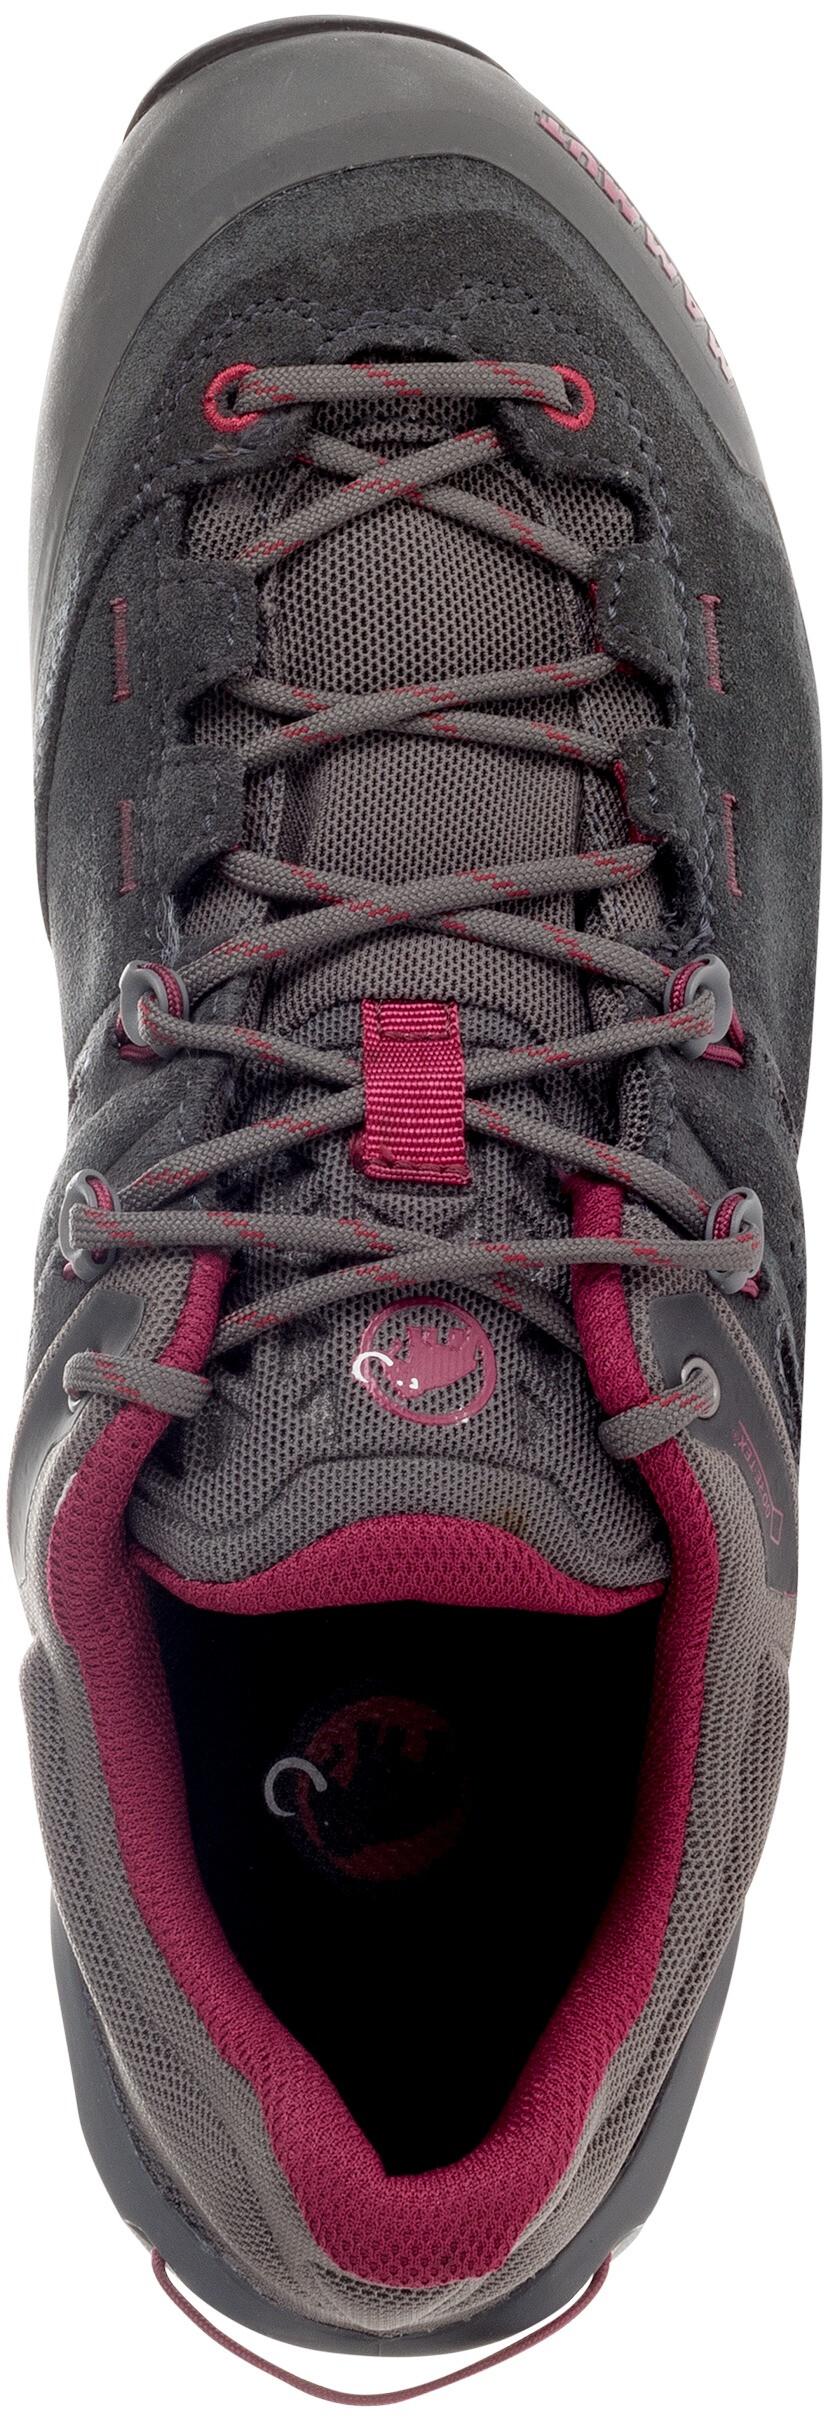 Qualität zuerst neuer Stil & Luxus Super süße Mammut Alnasca Low GTX Shoes Women graphite-beet